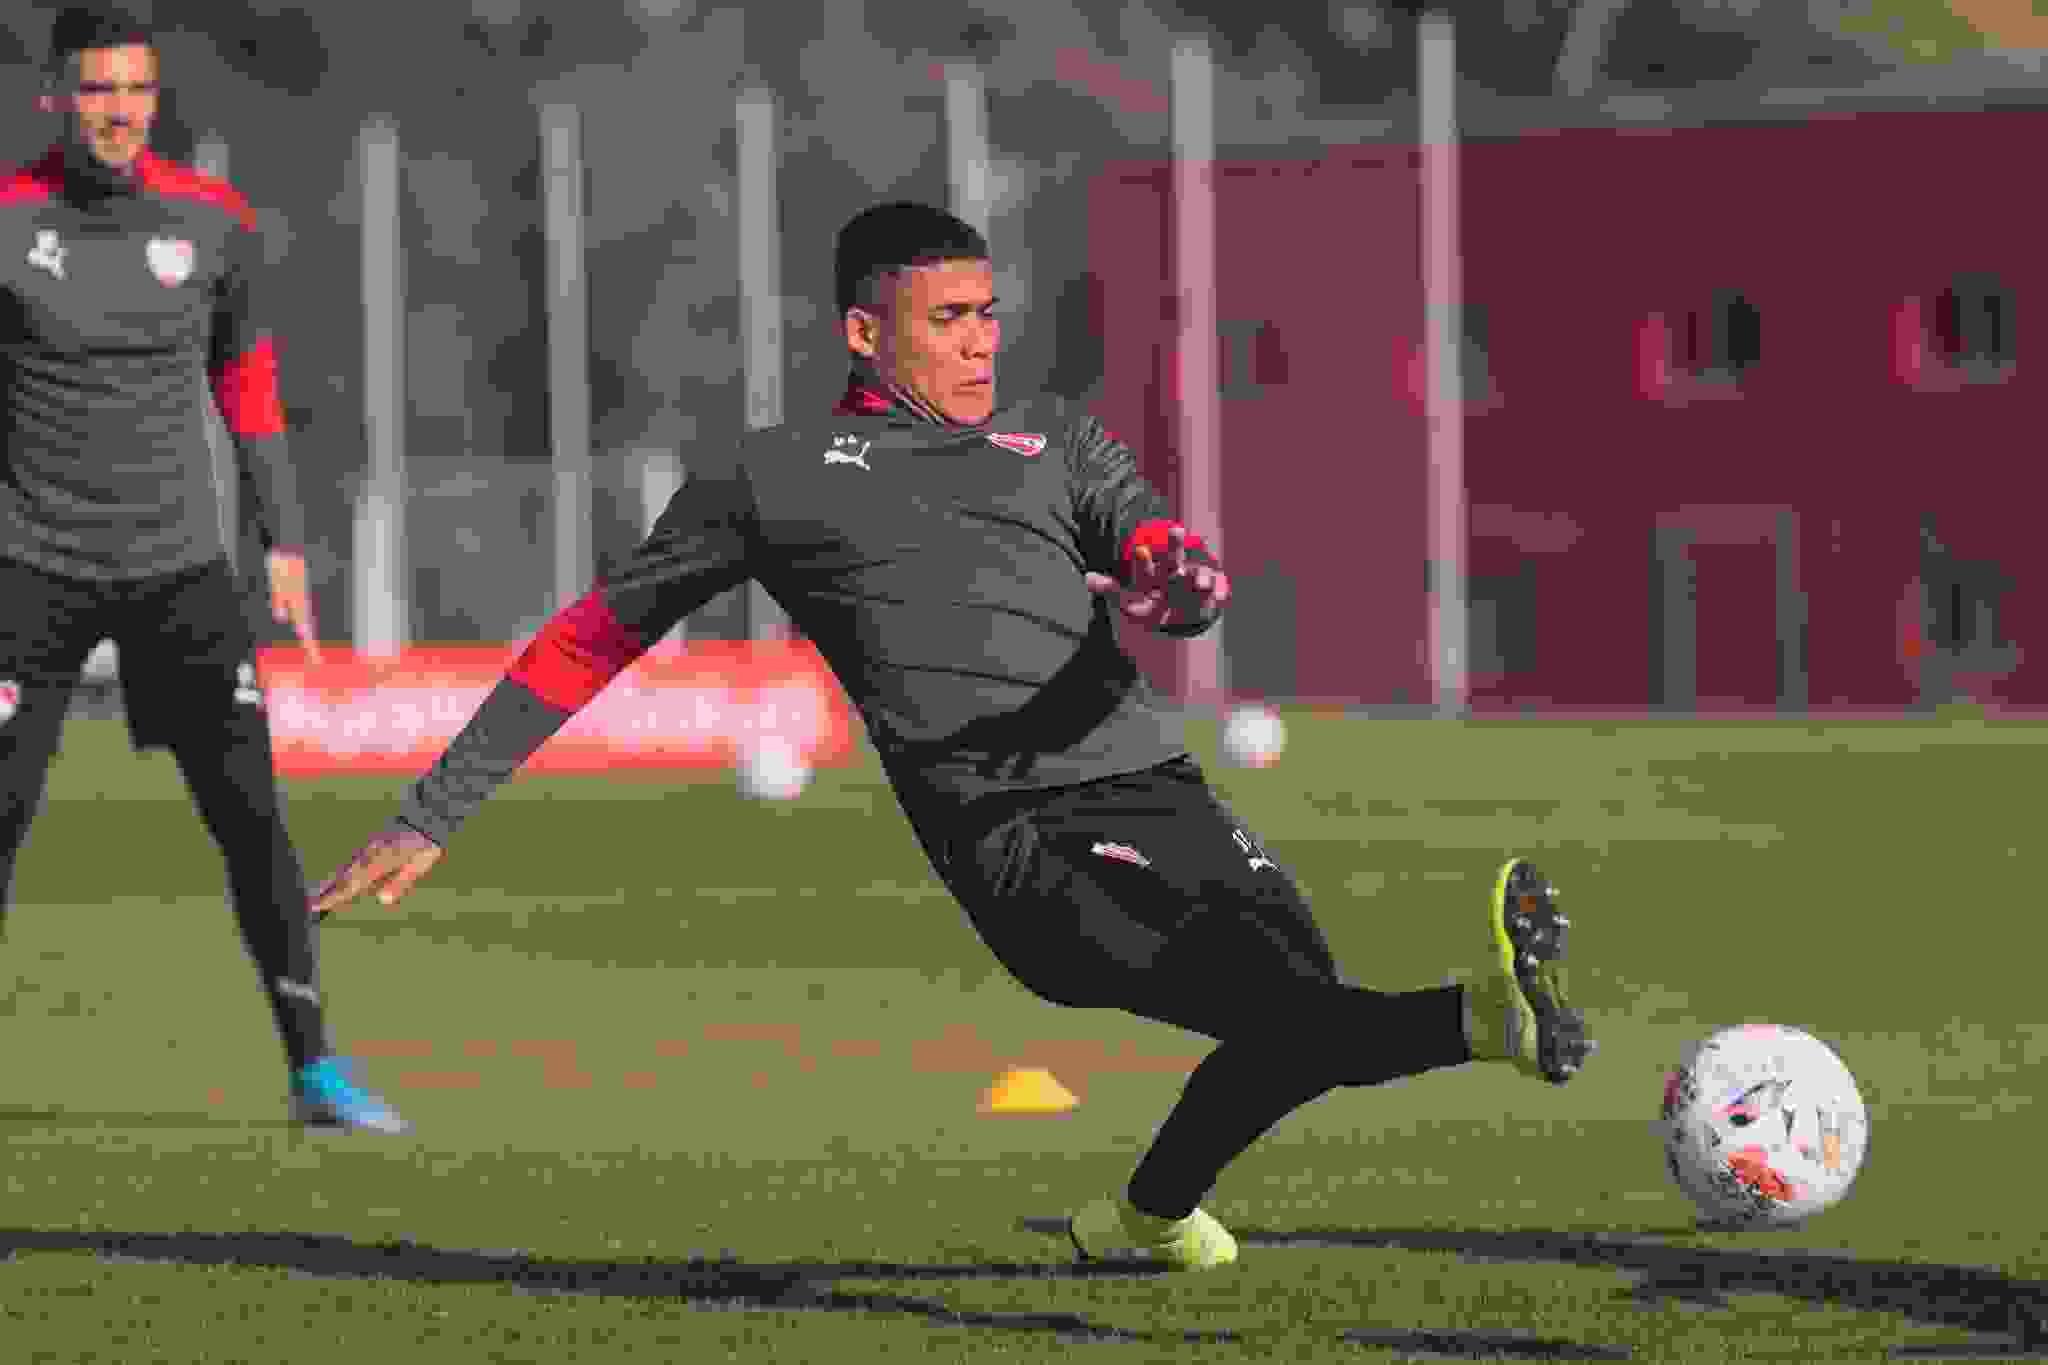 Ayrton Costa, defensor central del Club Atlético Independiente, es seguido de cerca por Unión de Santa Fe.